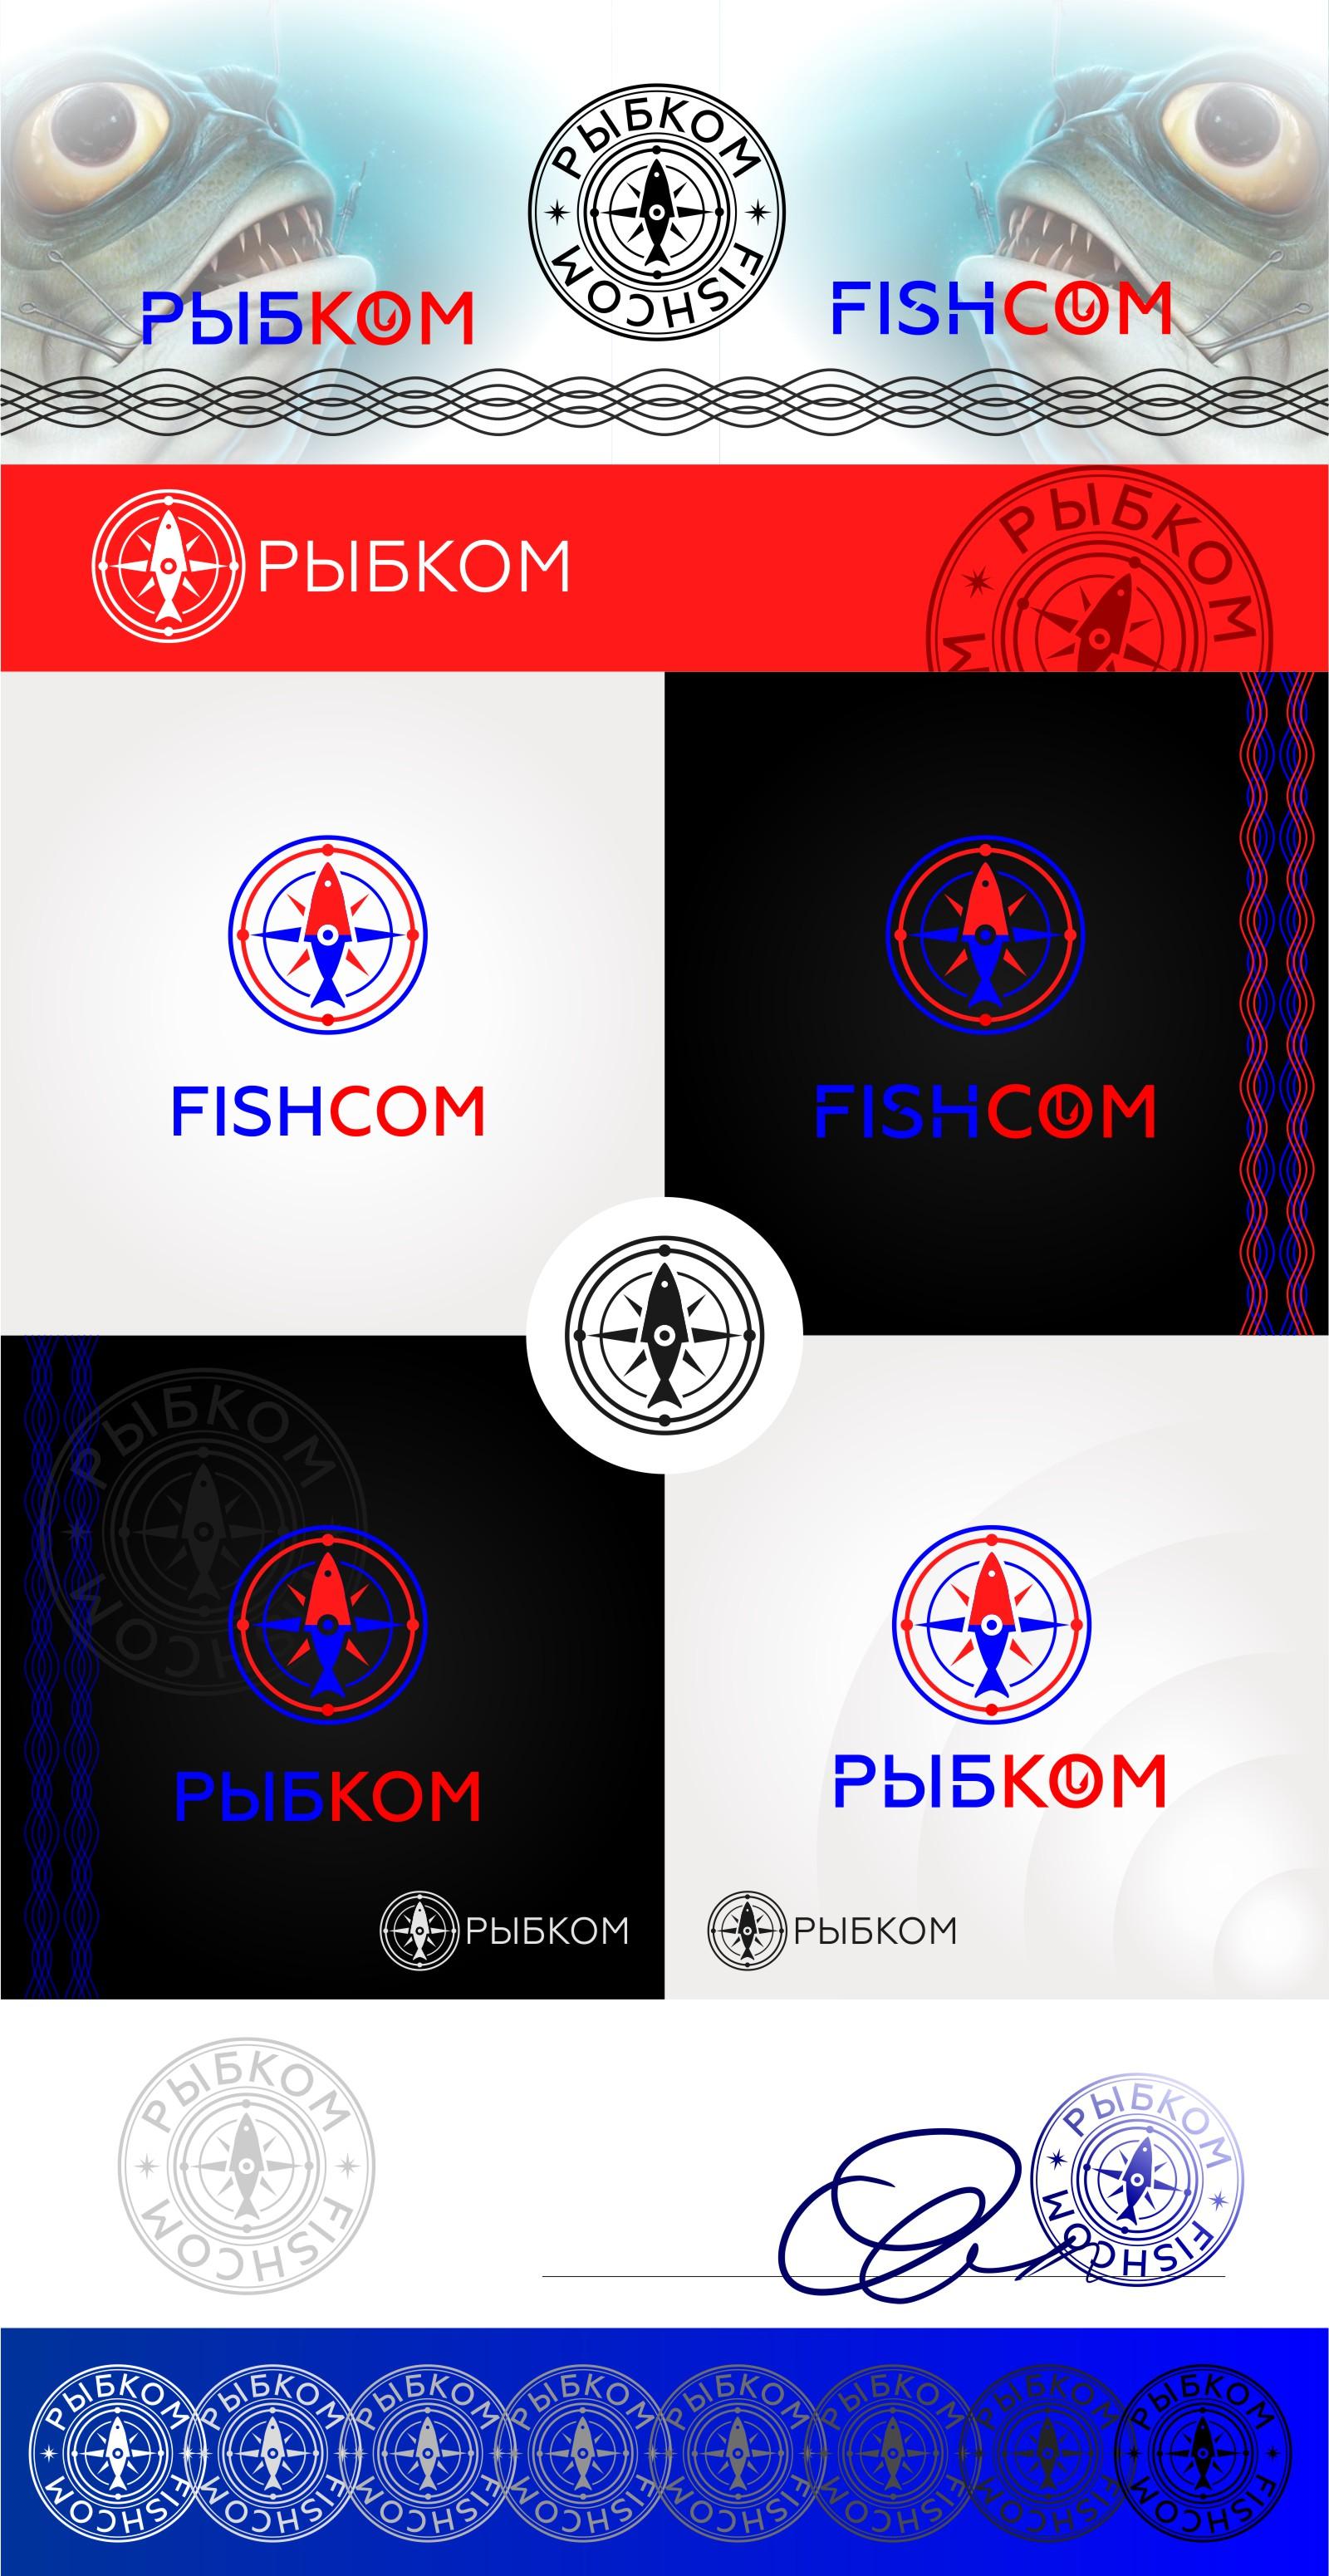 Создание логотипа и брэндбука для компании РЫБКОМ фото f_9495c0c1caf990ed.jpg